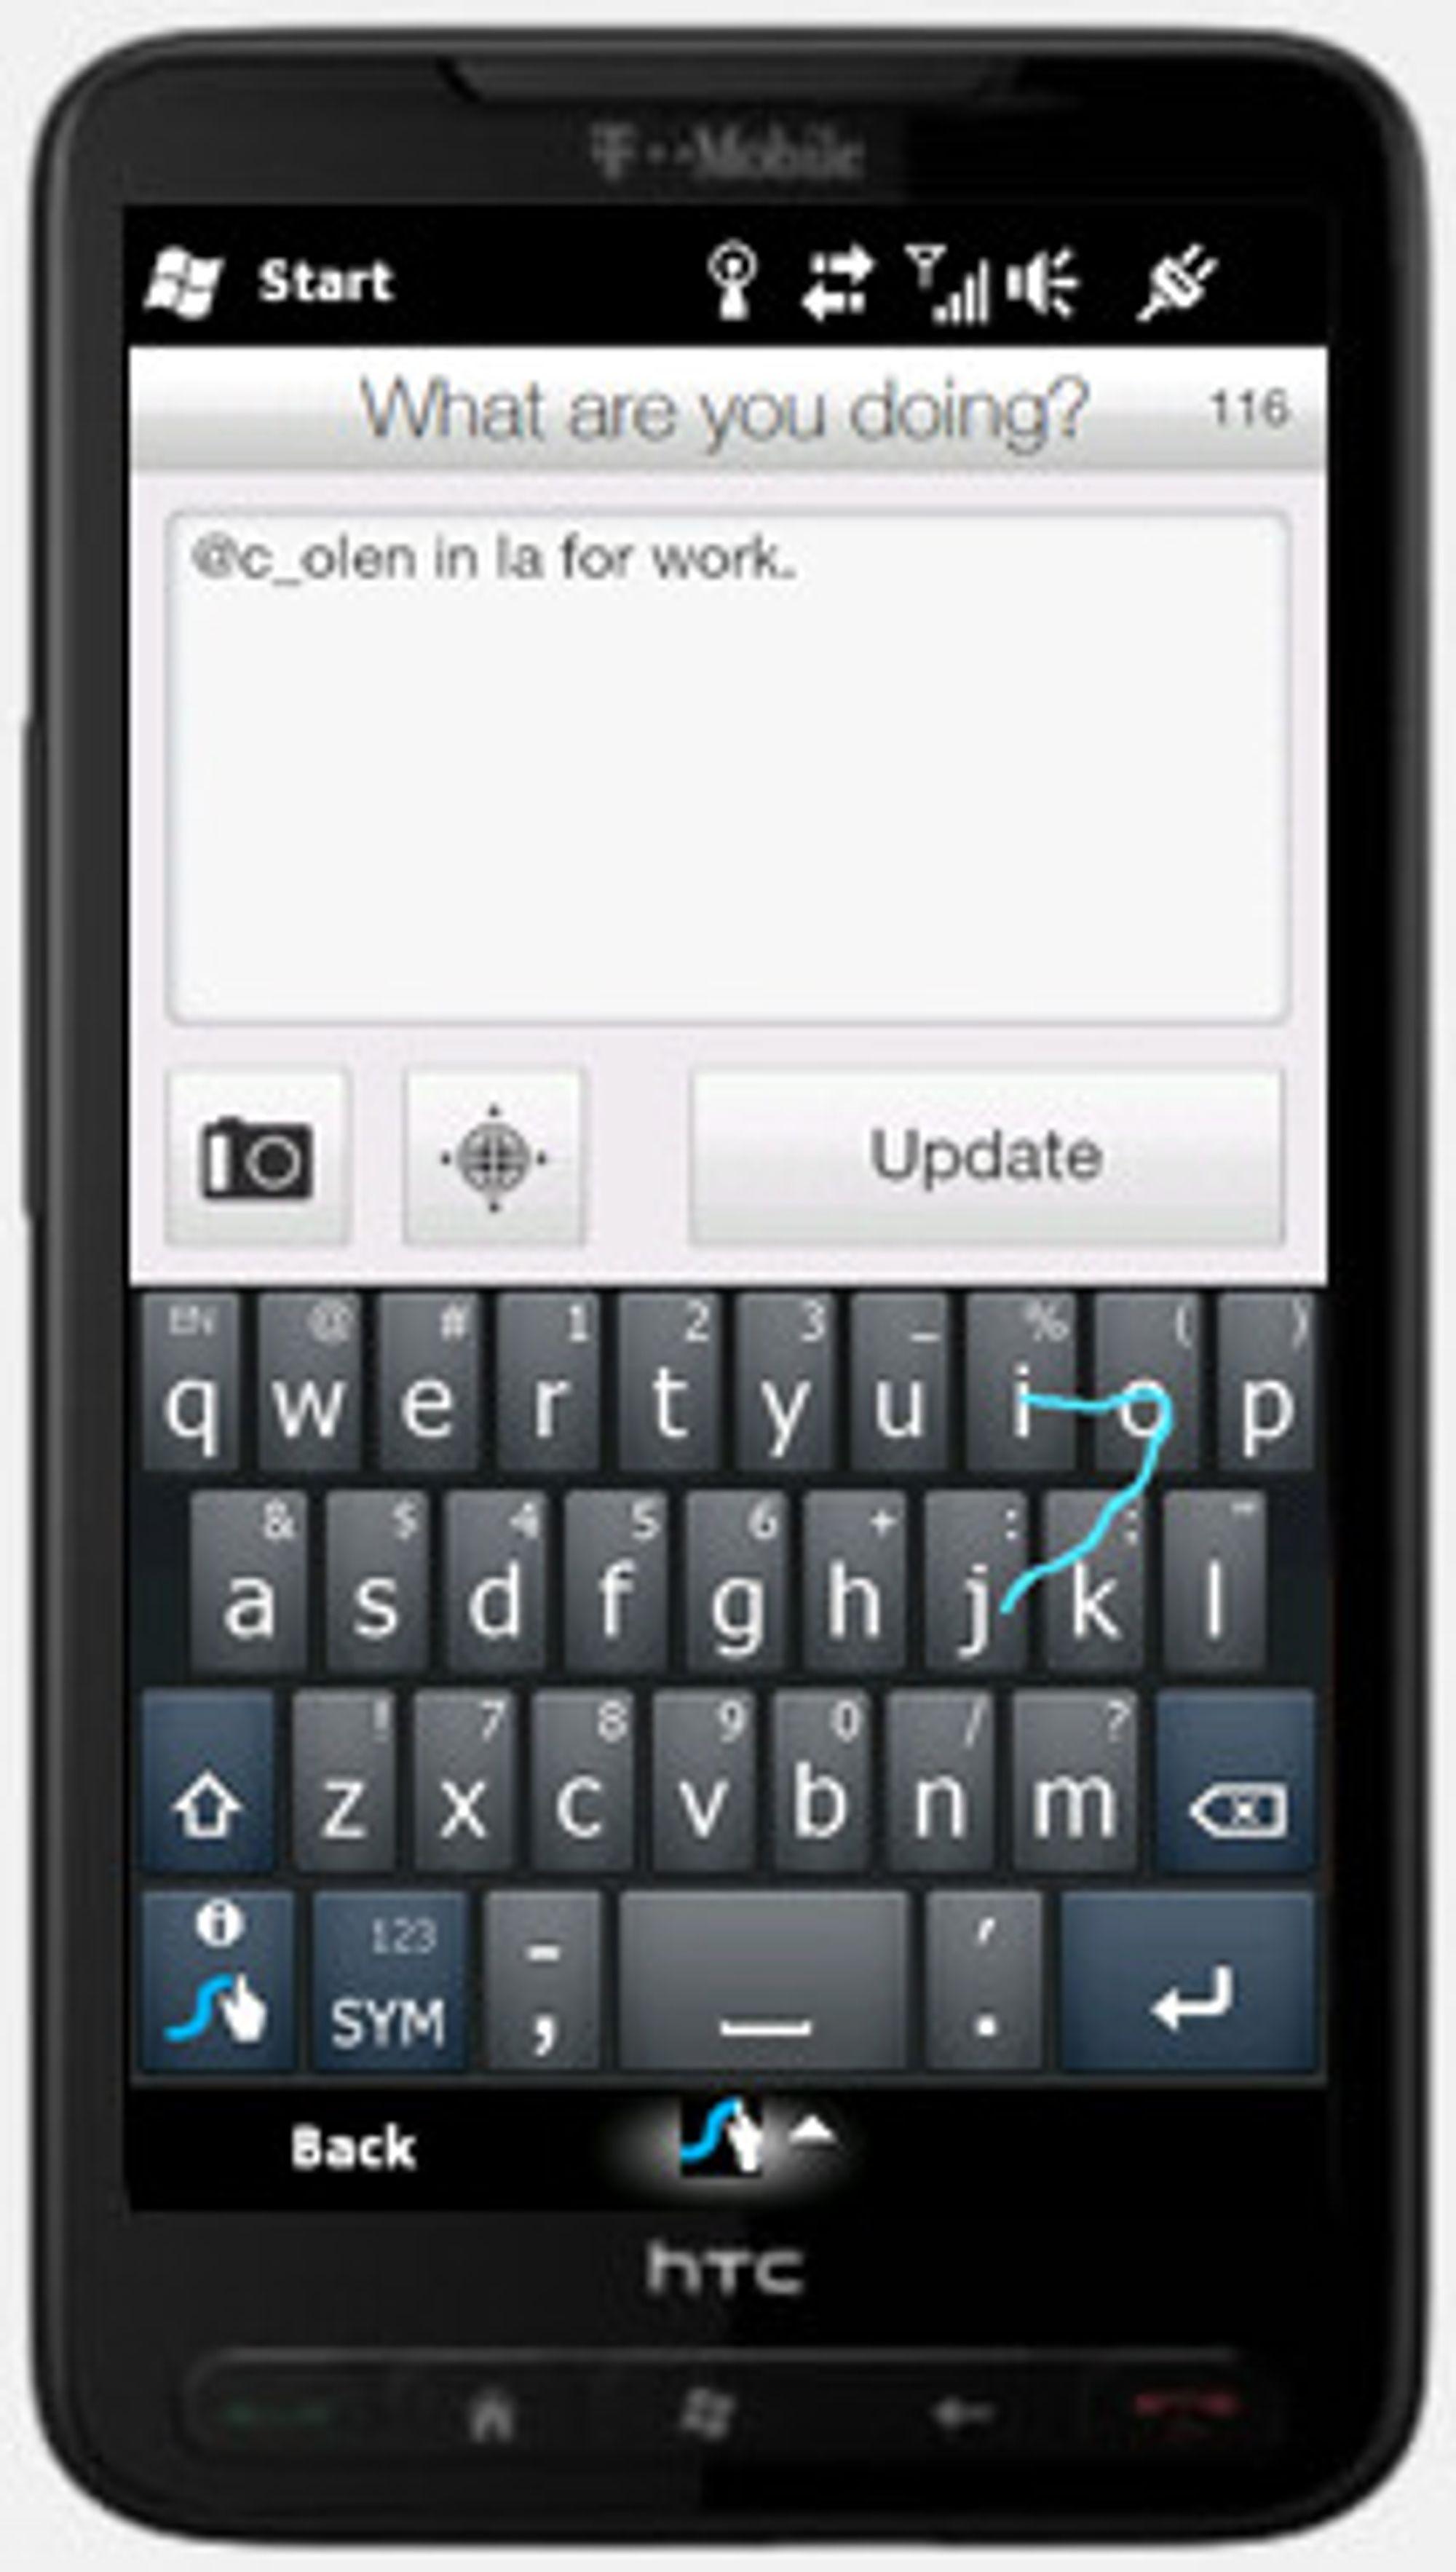 Swype på HTC HD2, under Windows Mobile. Programmet aktiveres med knappen nederst til venstre på det virtuelle tastaturet.